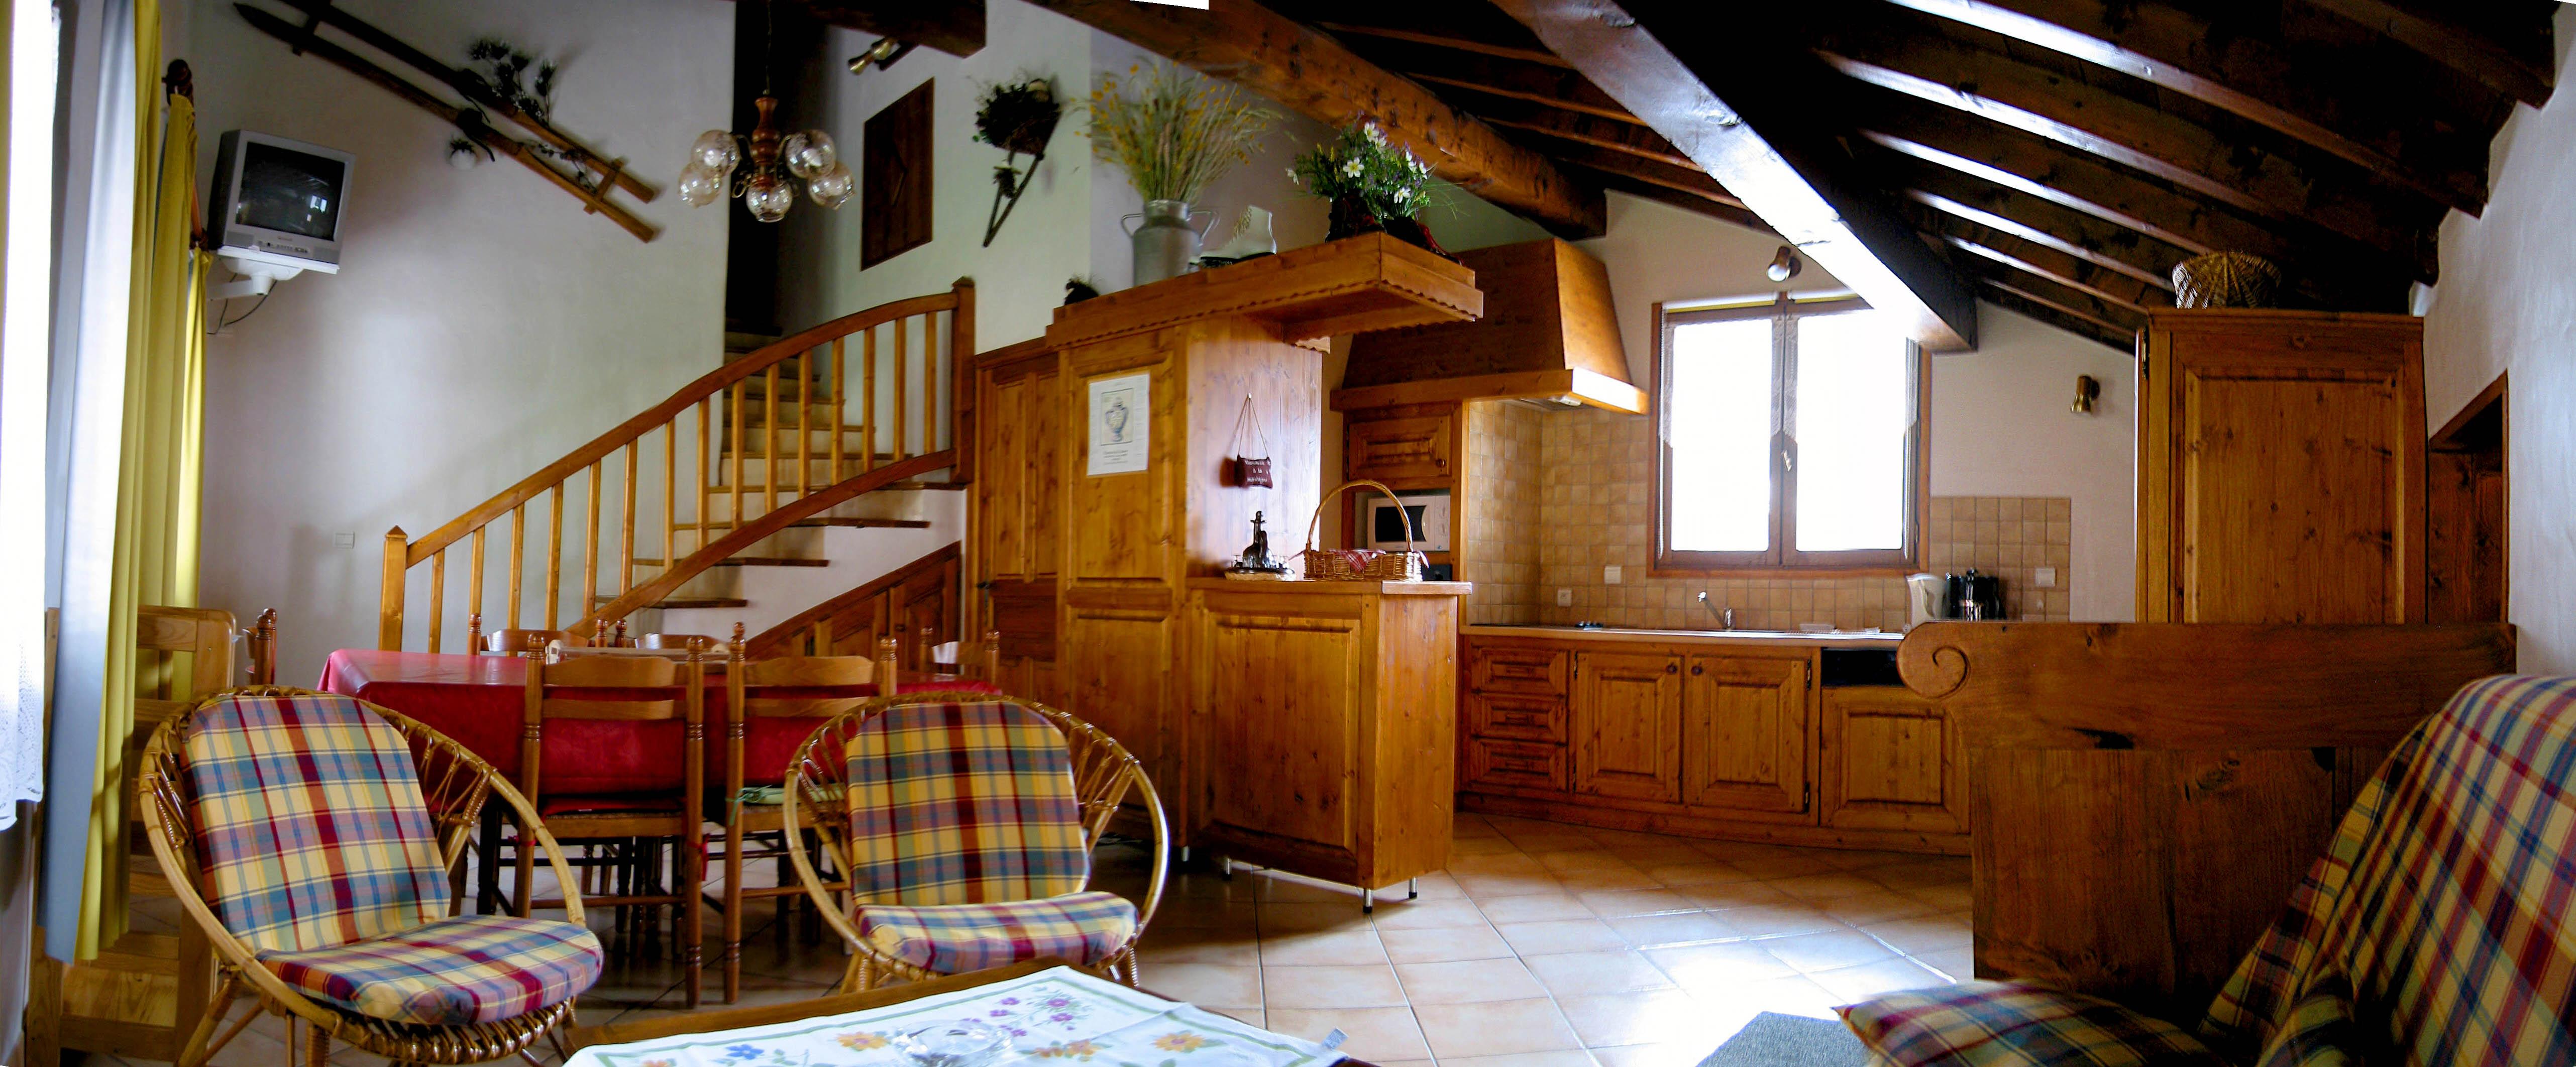 Appartement champagny en vanoise paradiski la plagne - Cuisine chalet montagne ...